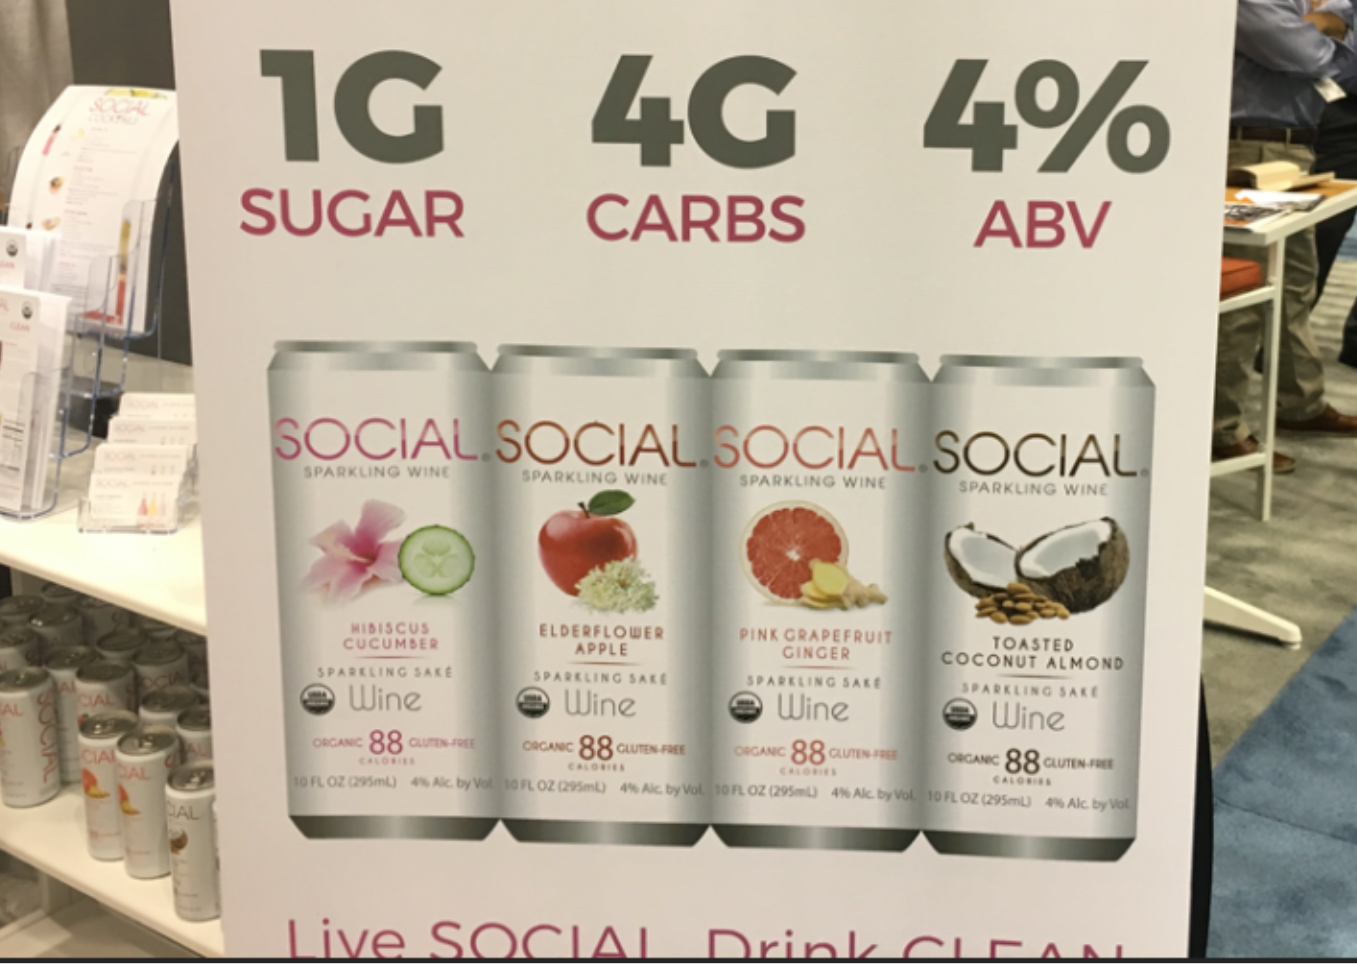 Microsoft Word - 12 alimentos y bebidas que destacan por sus car